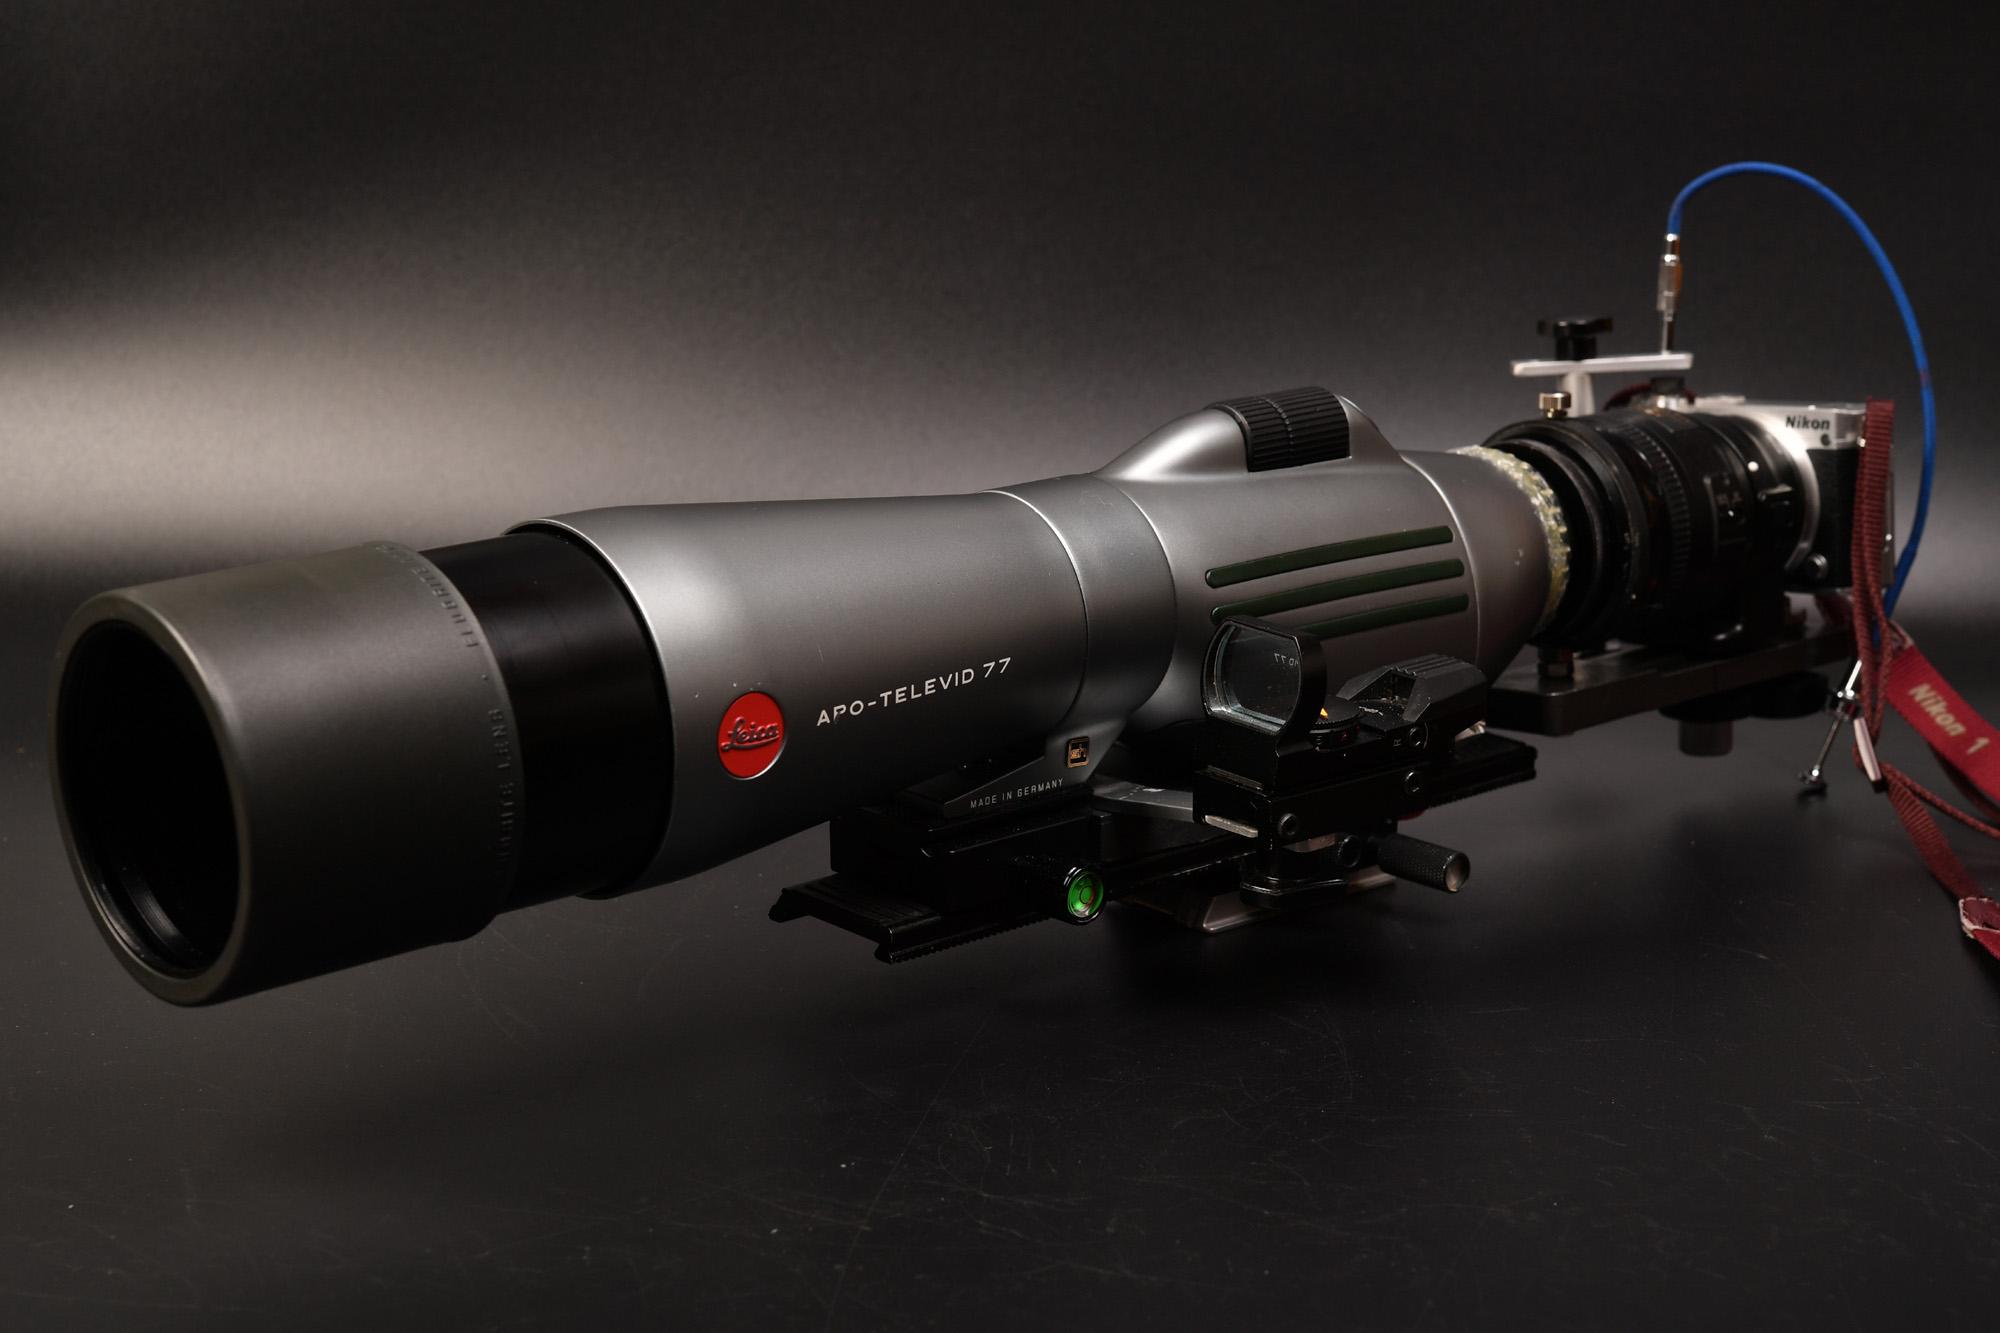 Leica APO-TELEVID 77にNikon用接眼レンズ(自作マウント) 何処までピントが合うか実験